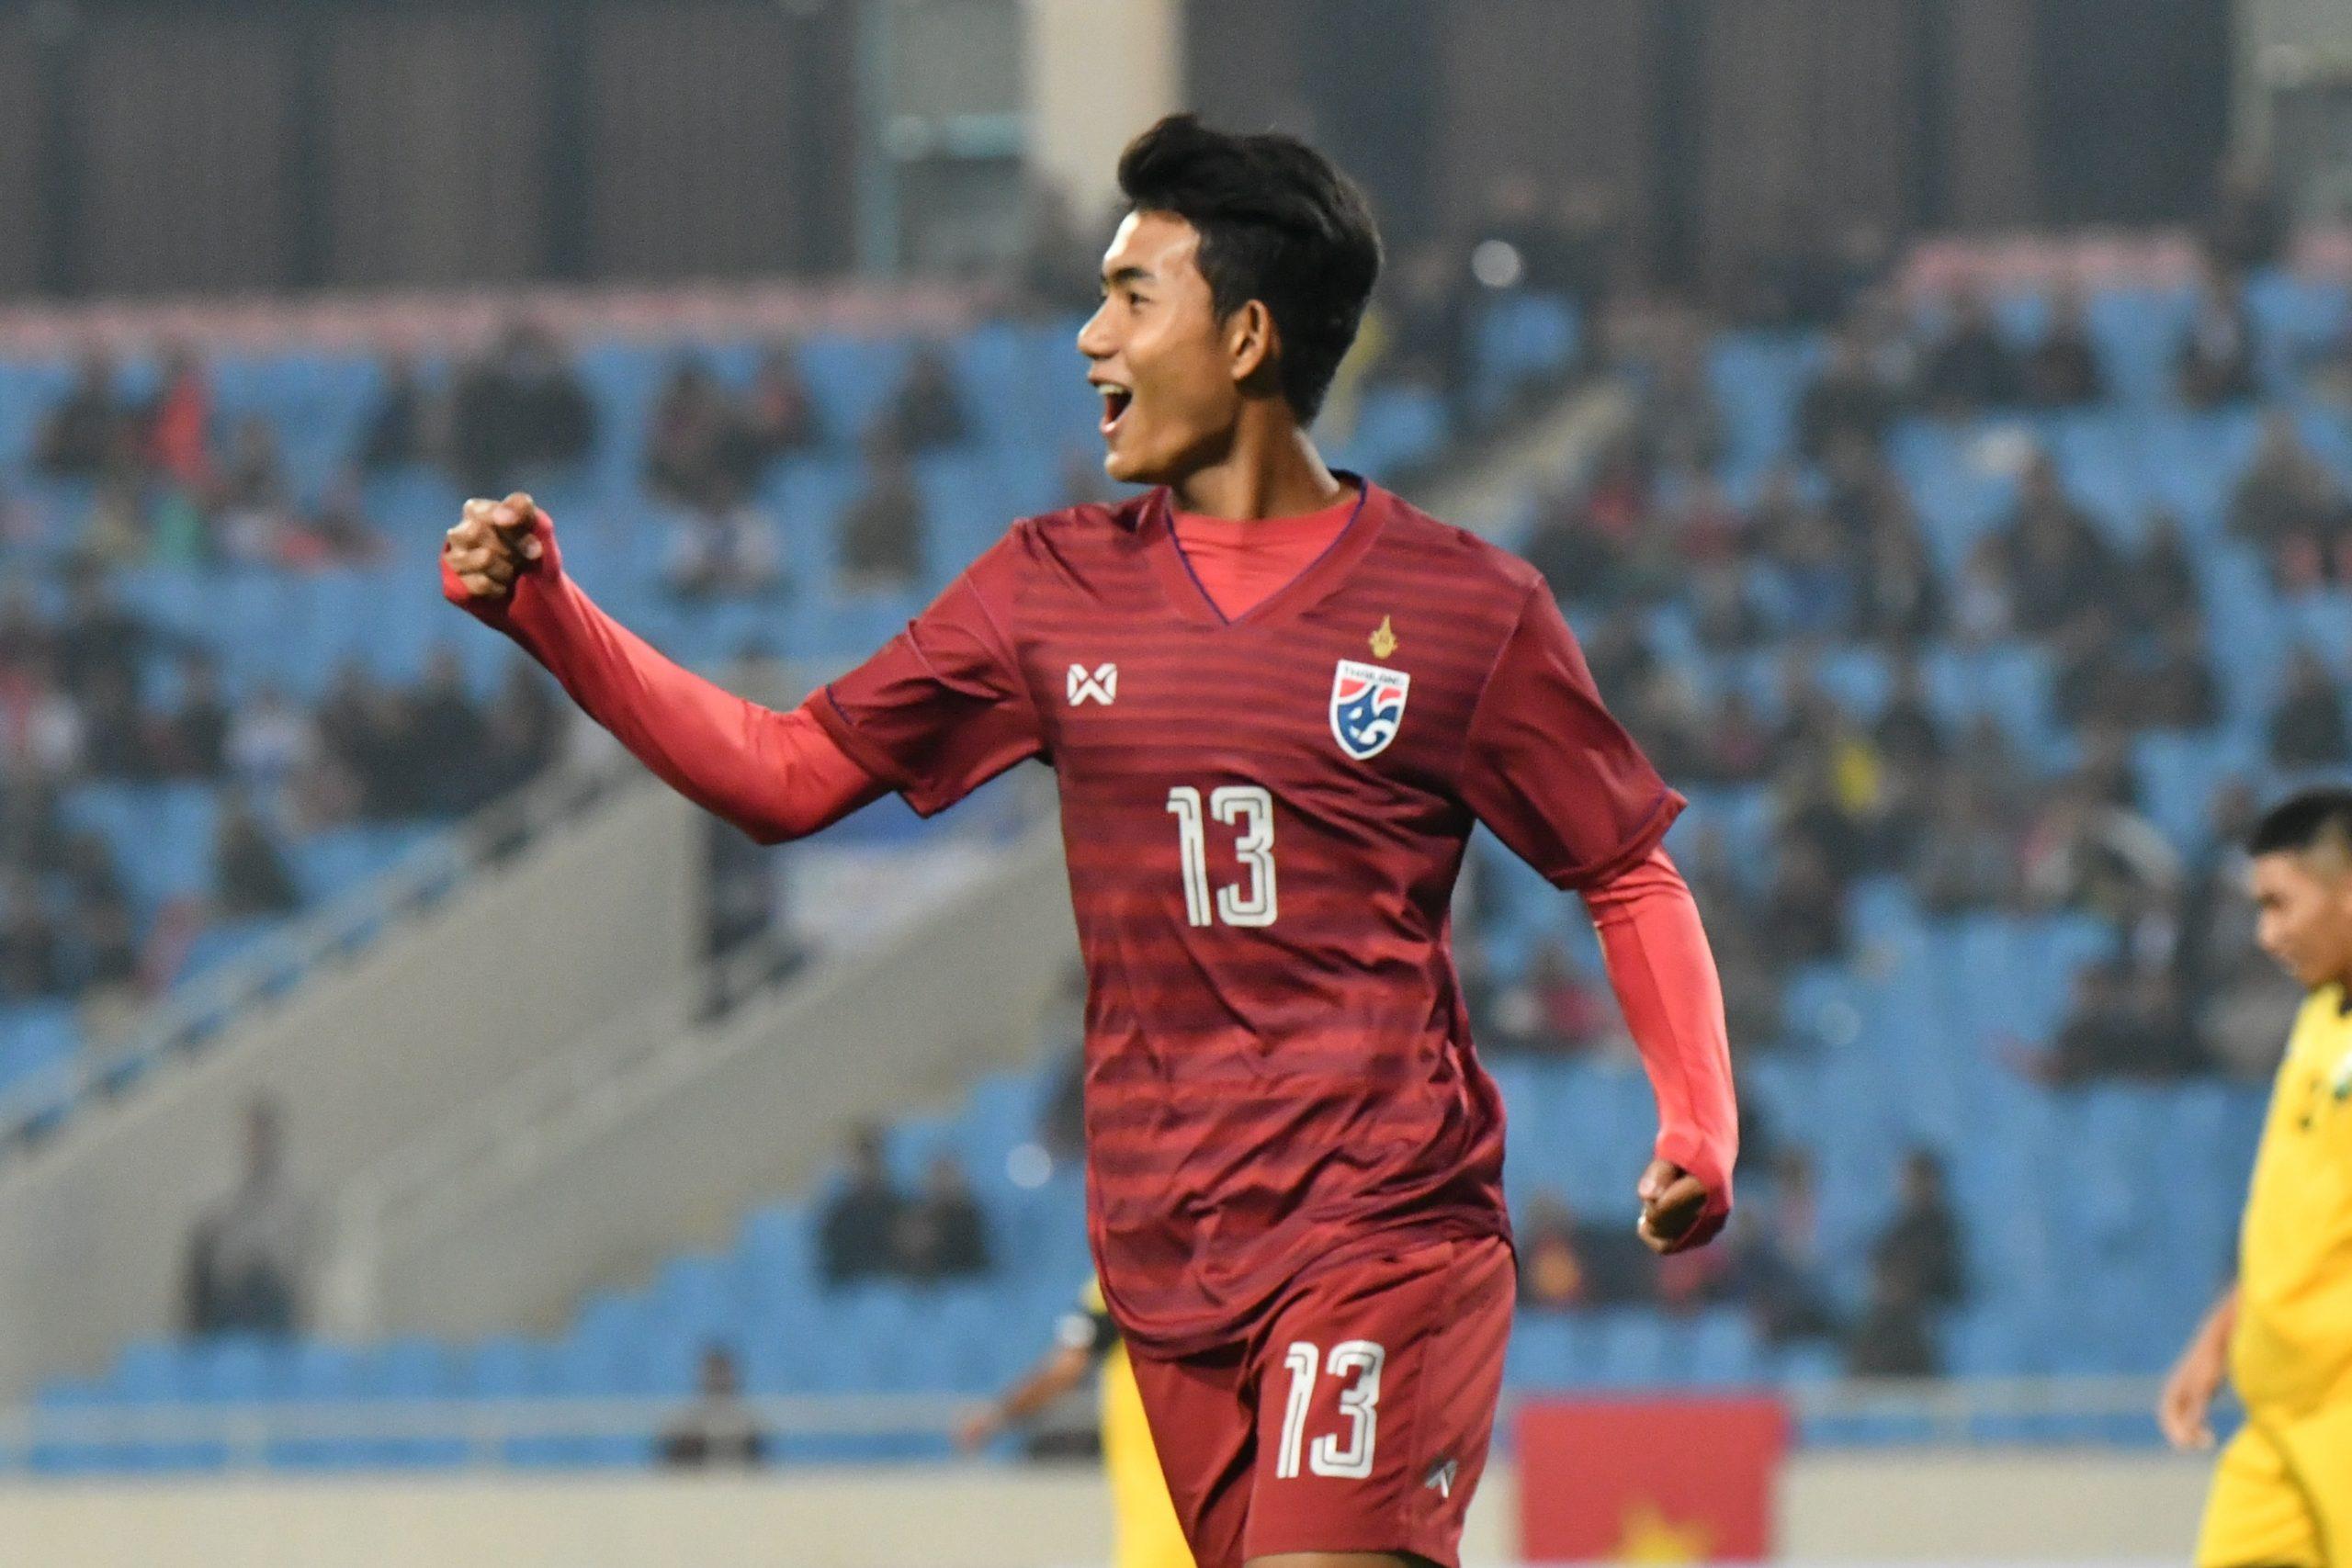 ทีมชาติไทย U23 ศุภณัฏฐ์ เหมือนตา สุภโชค สารชาติ